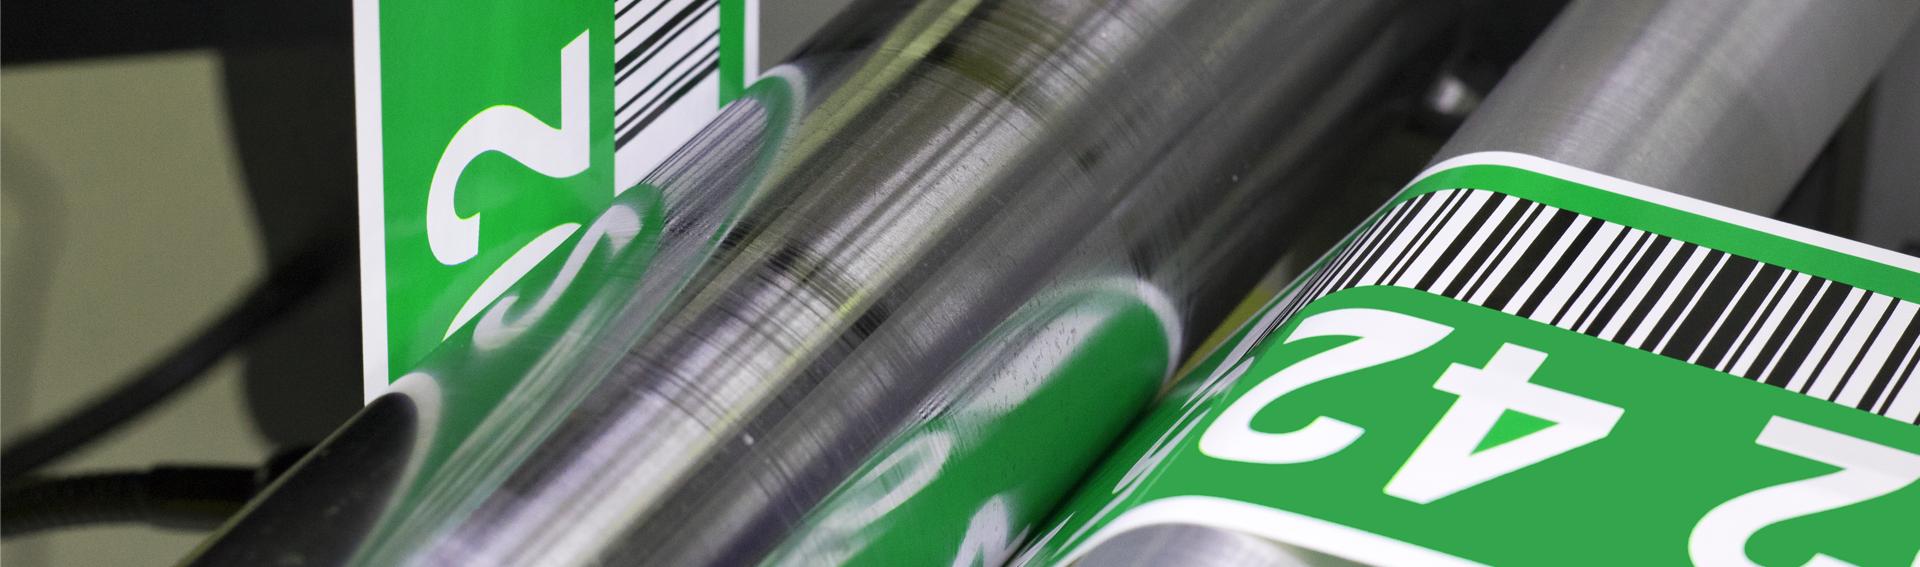 ONE2ID magazijnlabels industriële labels barcode etiketten